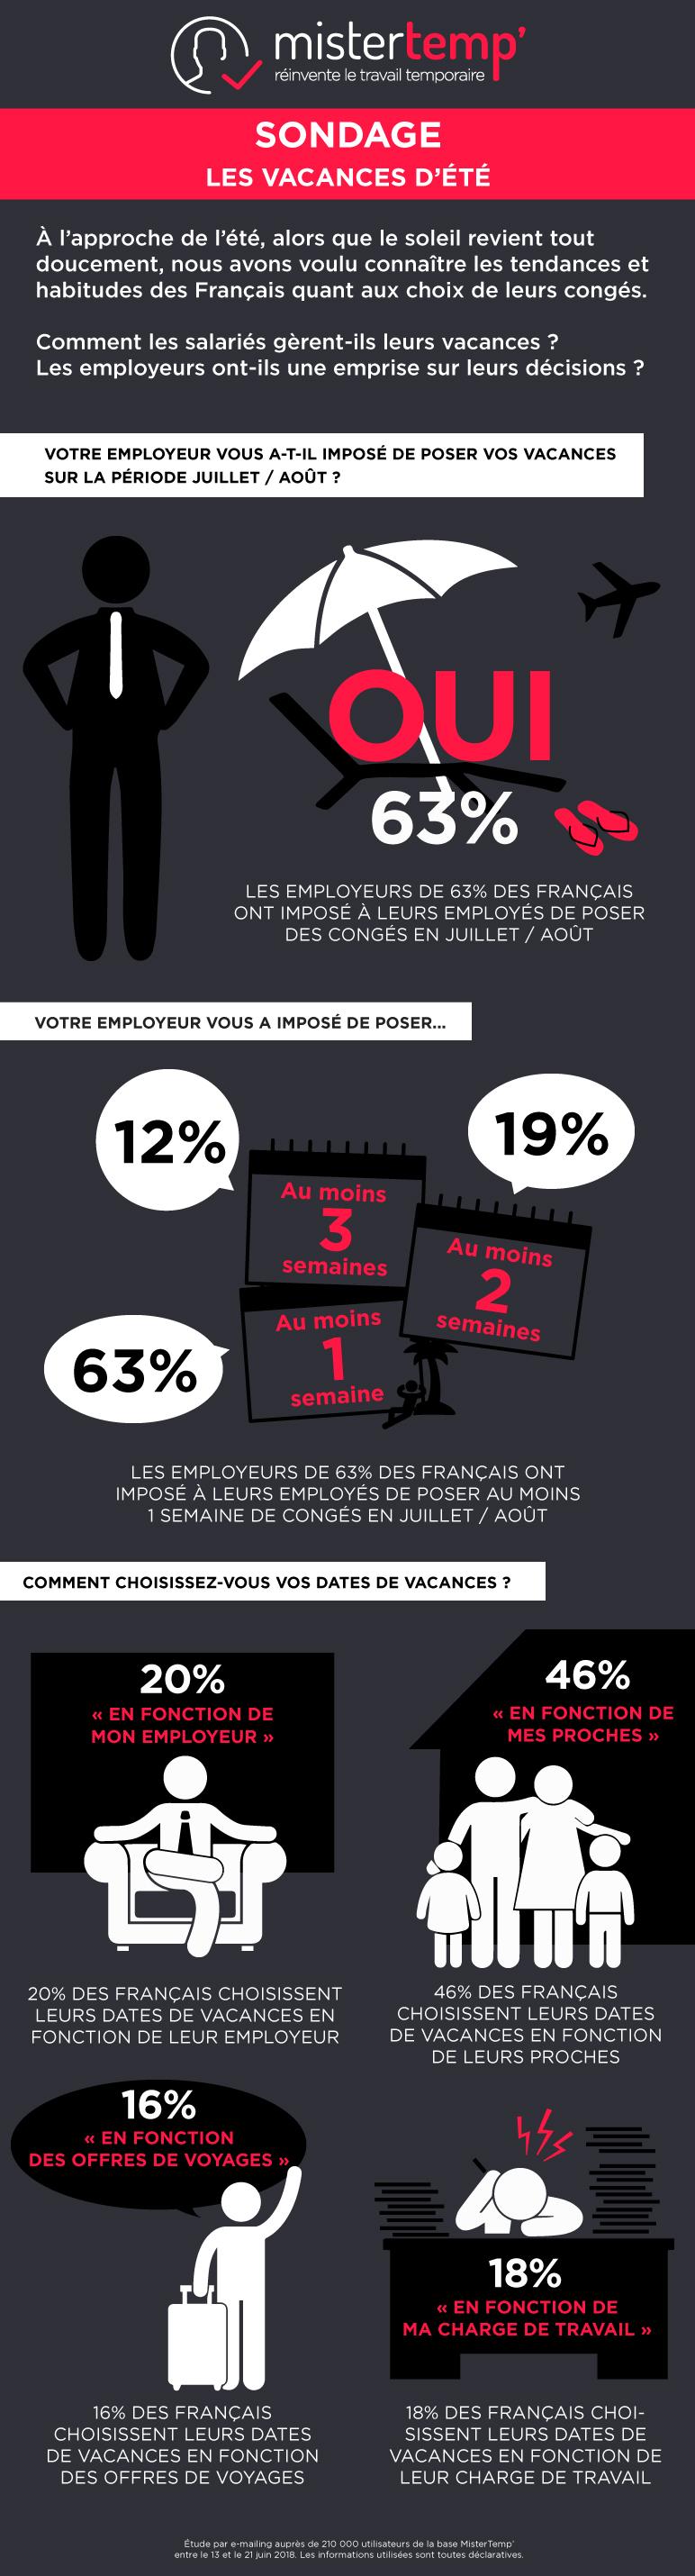 infographie-sondage-vacances d-ete